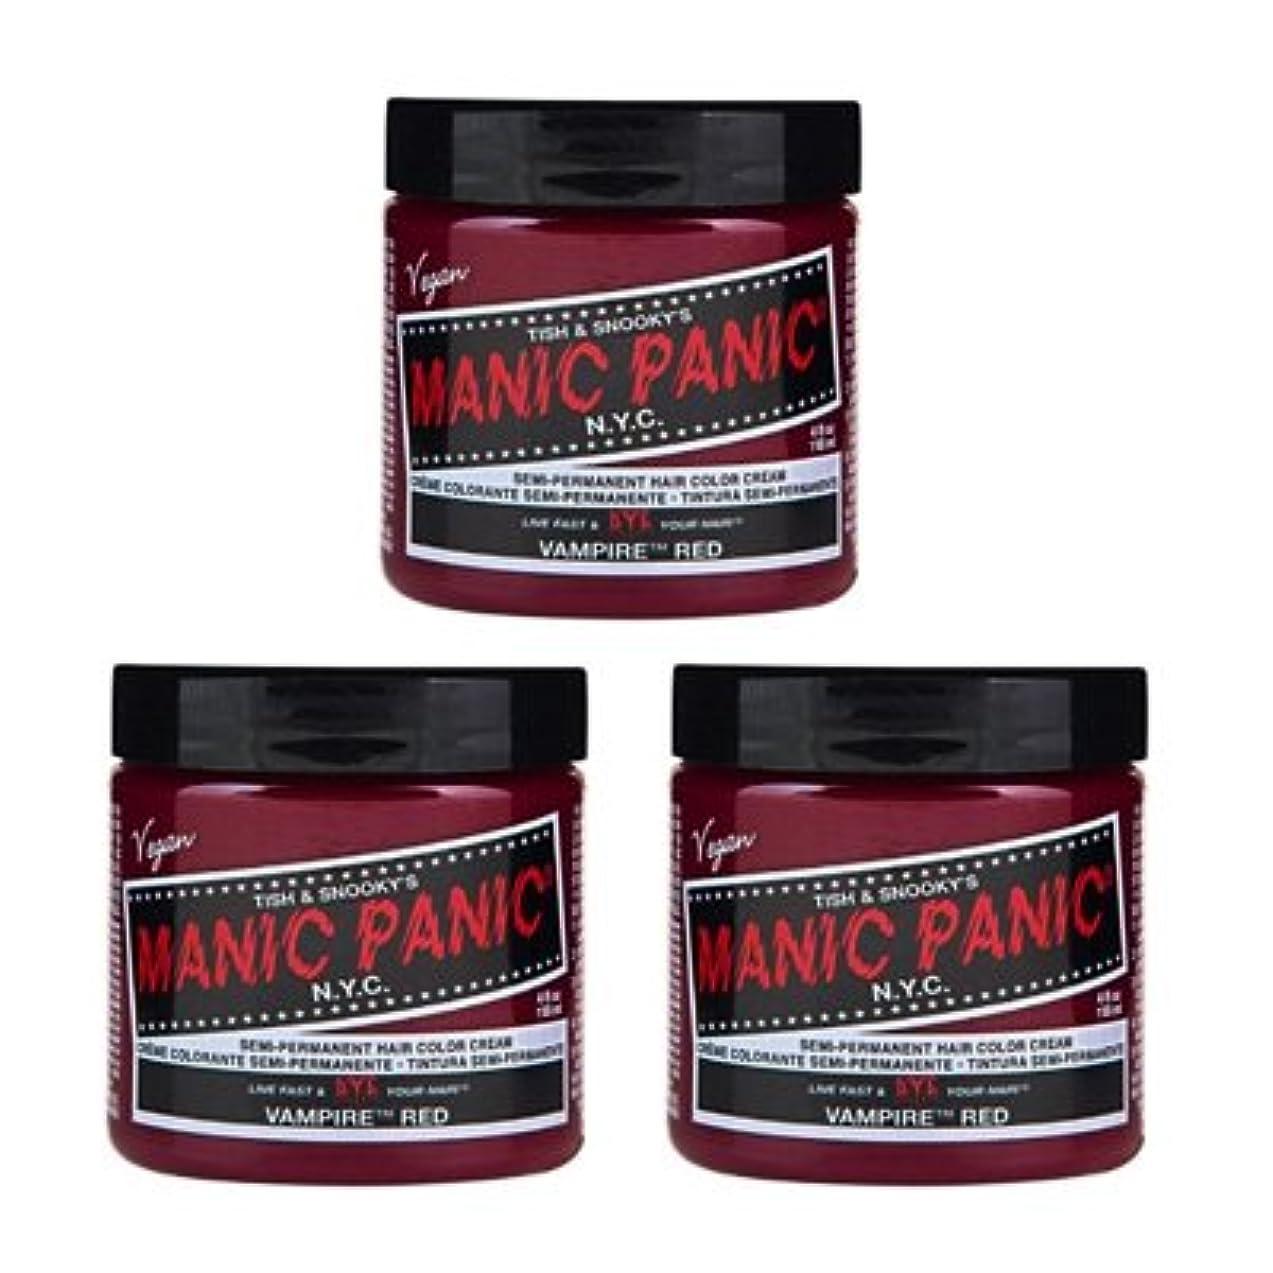 インストール従者素敵な【3個セット】MANIC PANIC マニックパニック Vampire Red (ヴァンパイア?レッド) 118ml